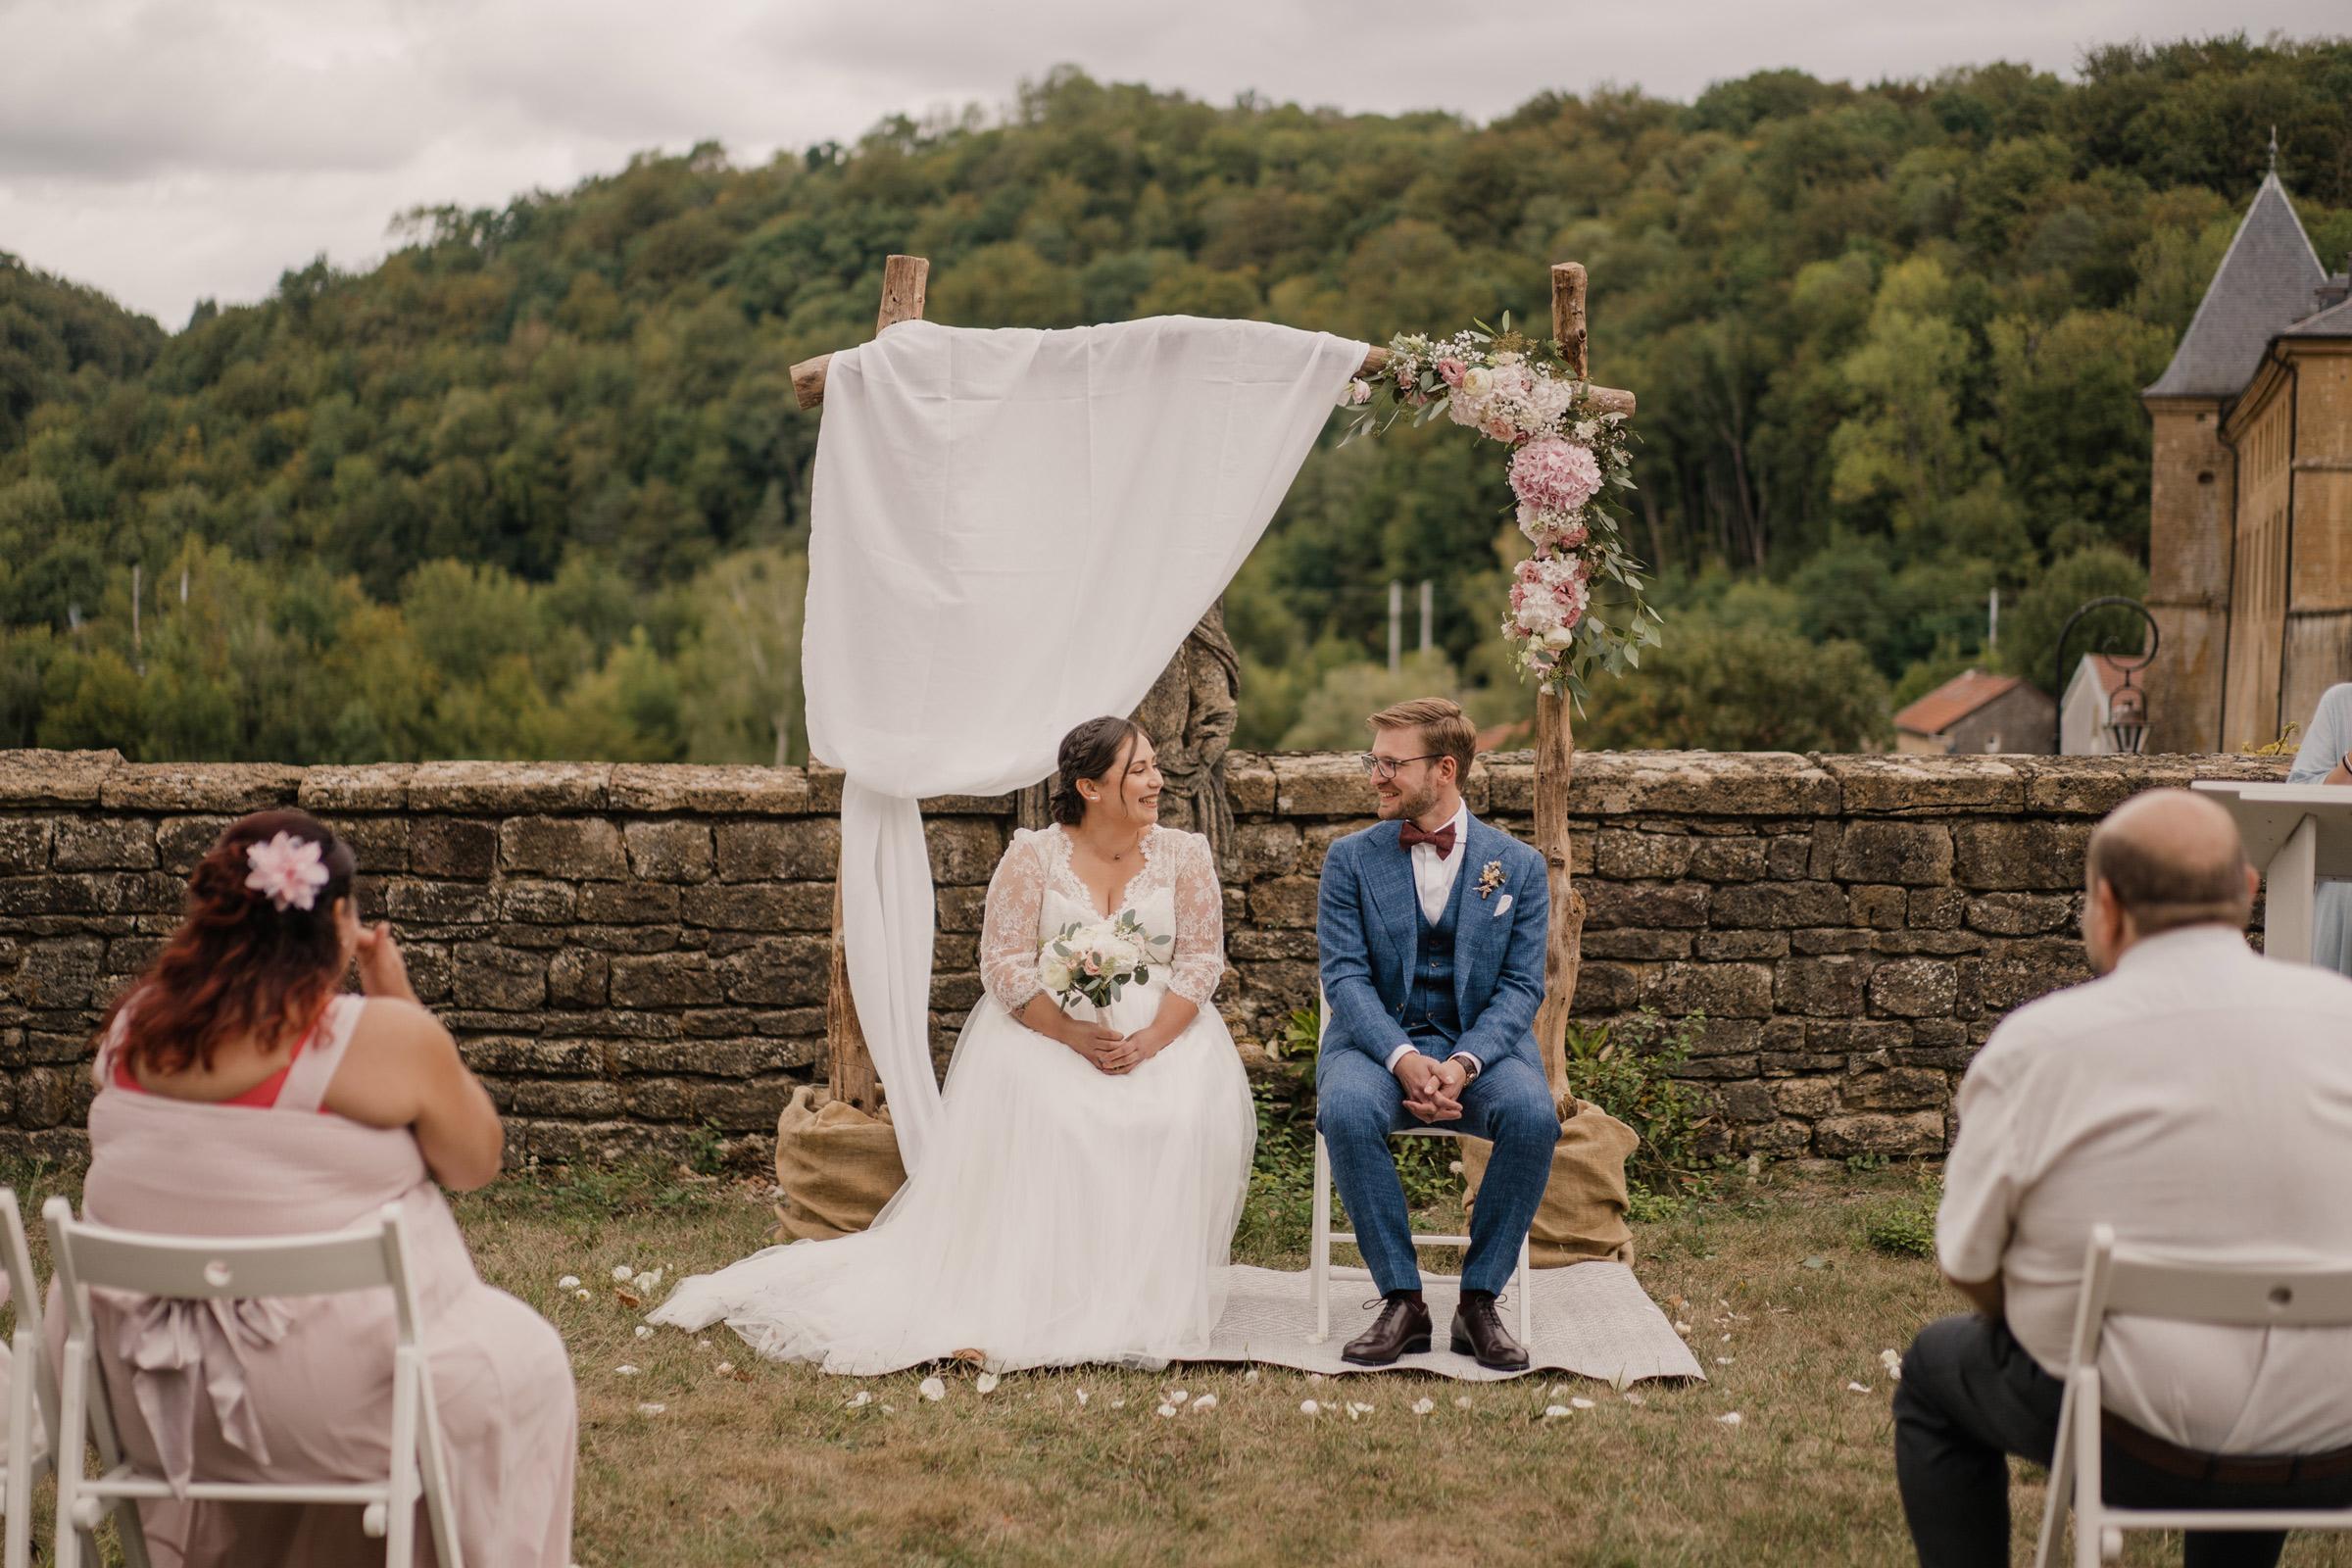 photographe_mariage_luxembourg_clos_de_lorraine_m3